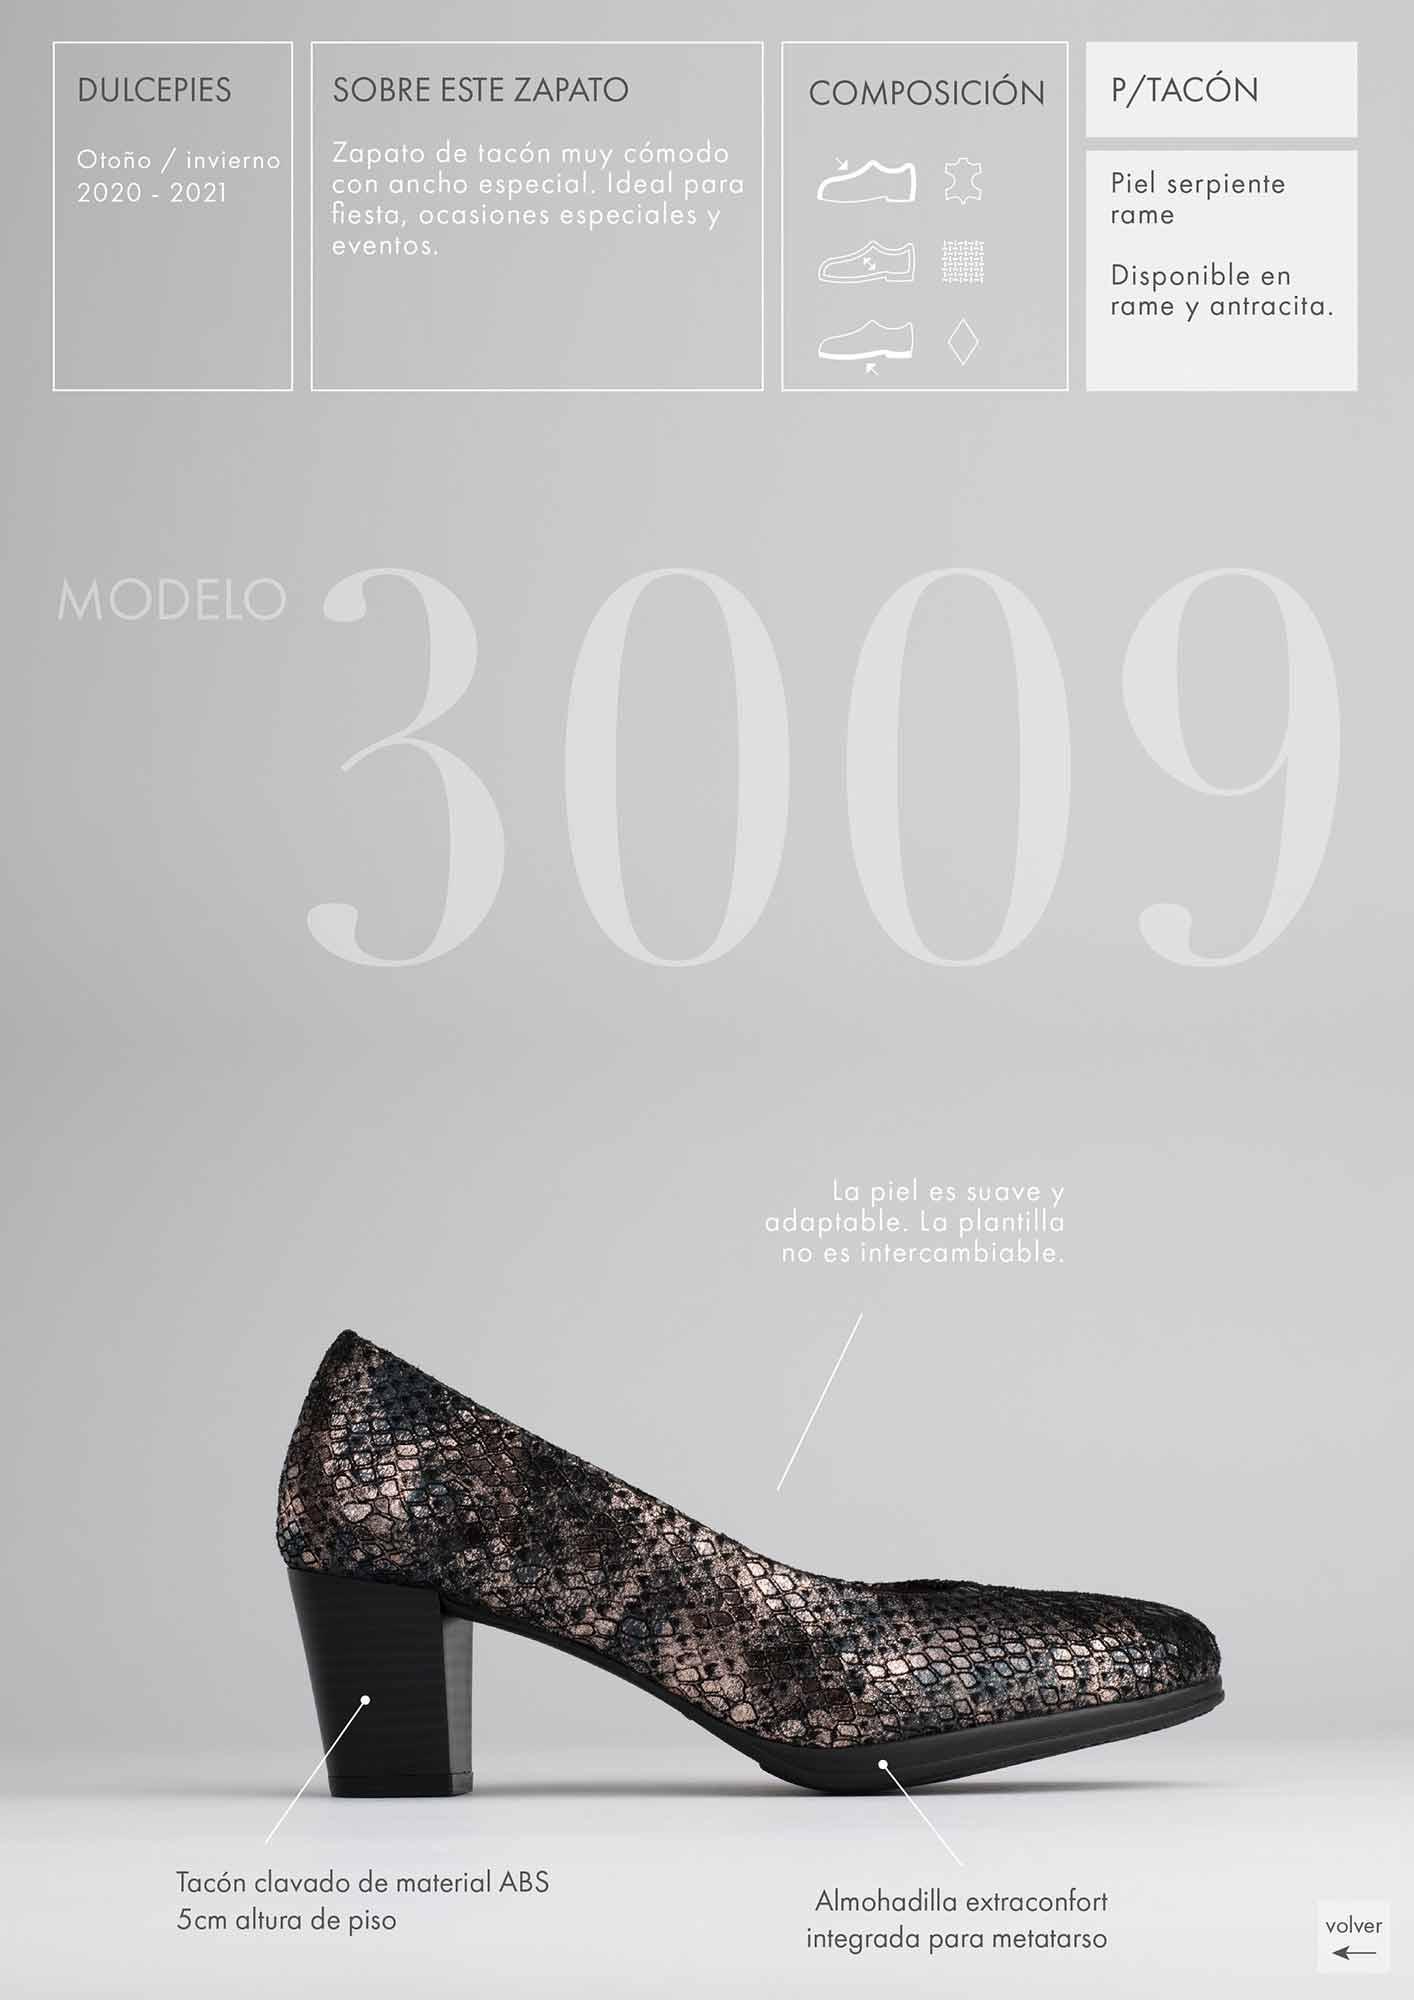 foto lateral de zapato tacón en catálogo